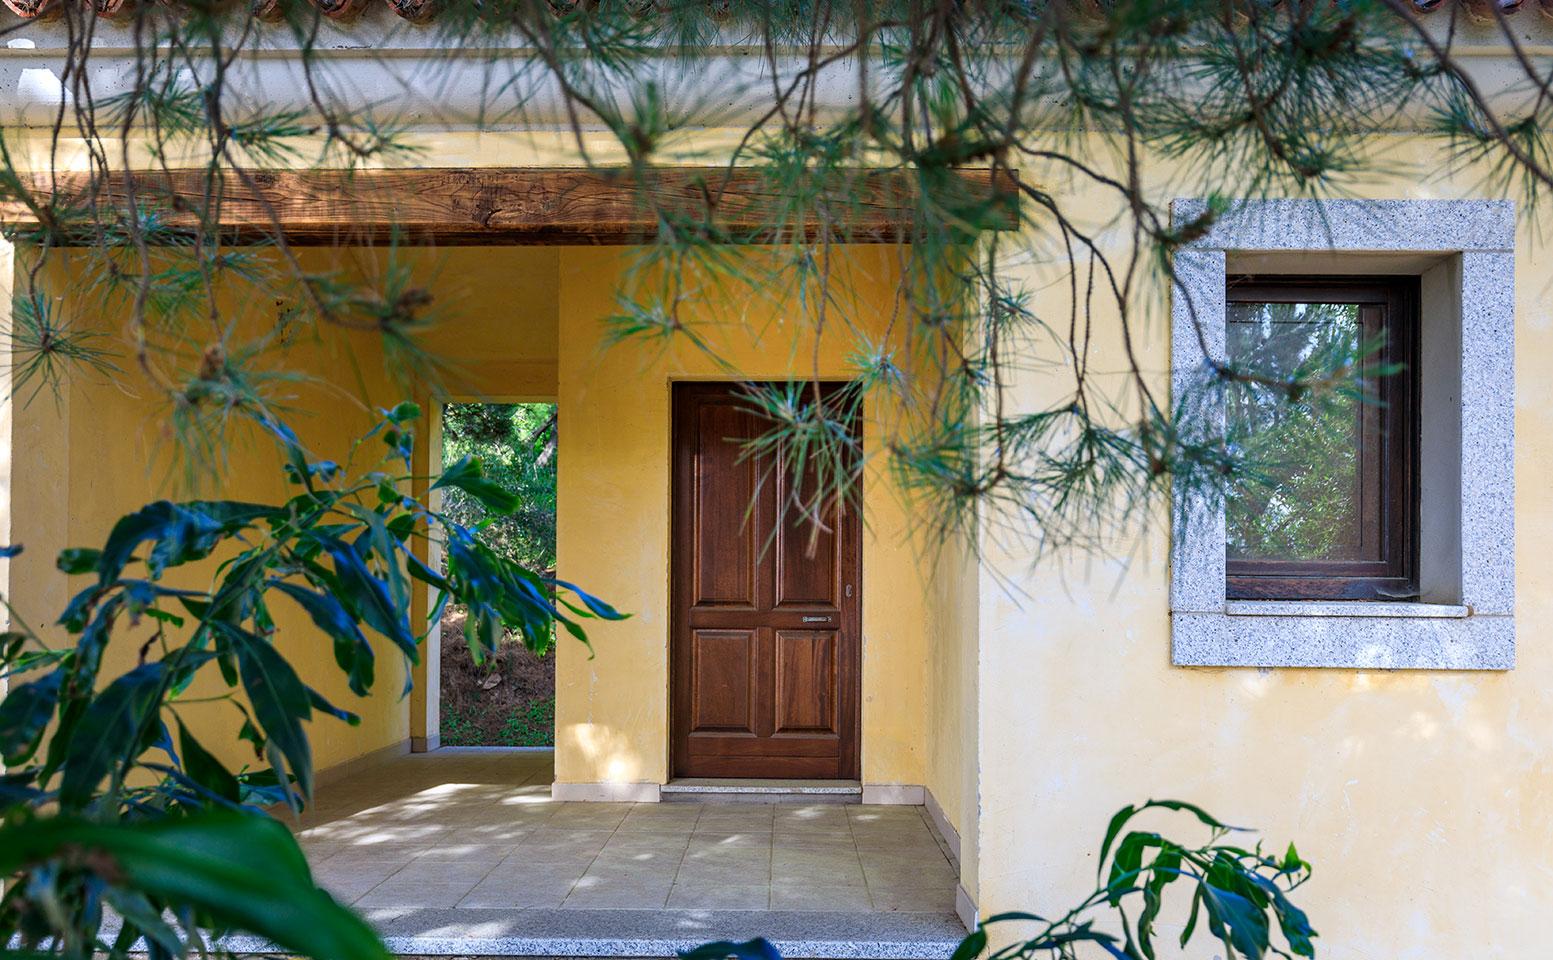 Stazzi di gallura appartamenti li scalitti badesi for Villaggio li cuncheddi sardegna